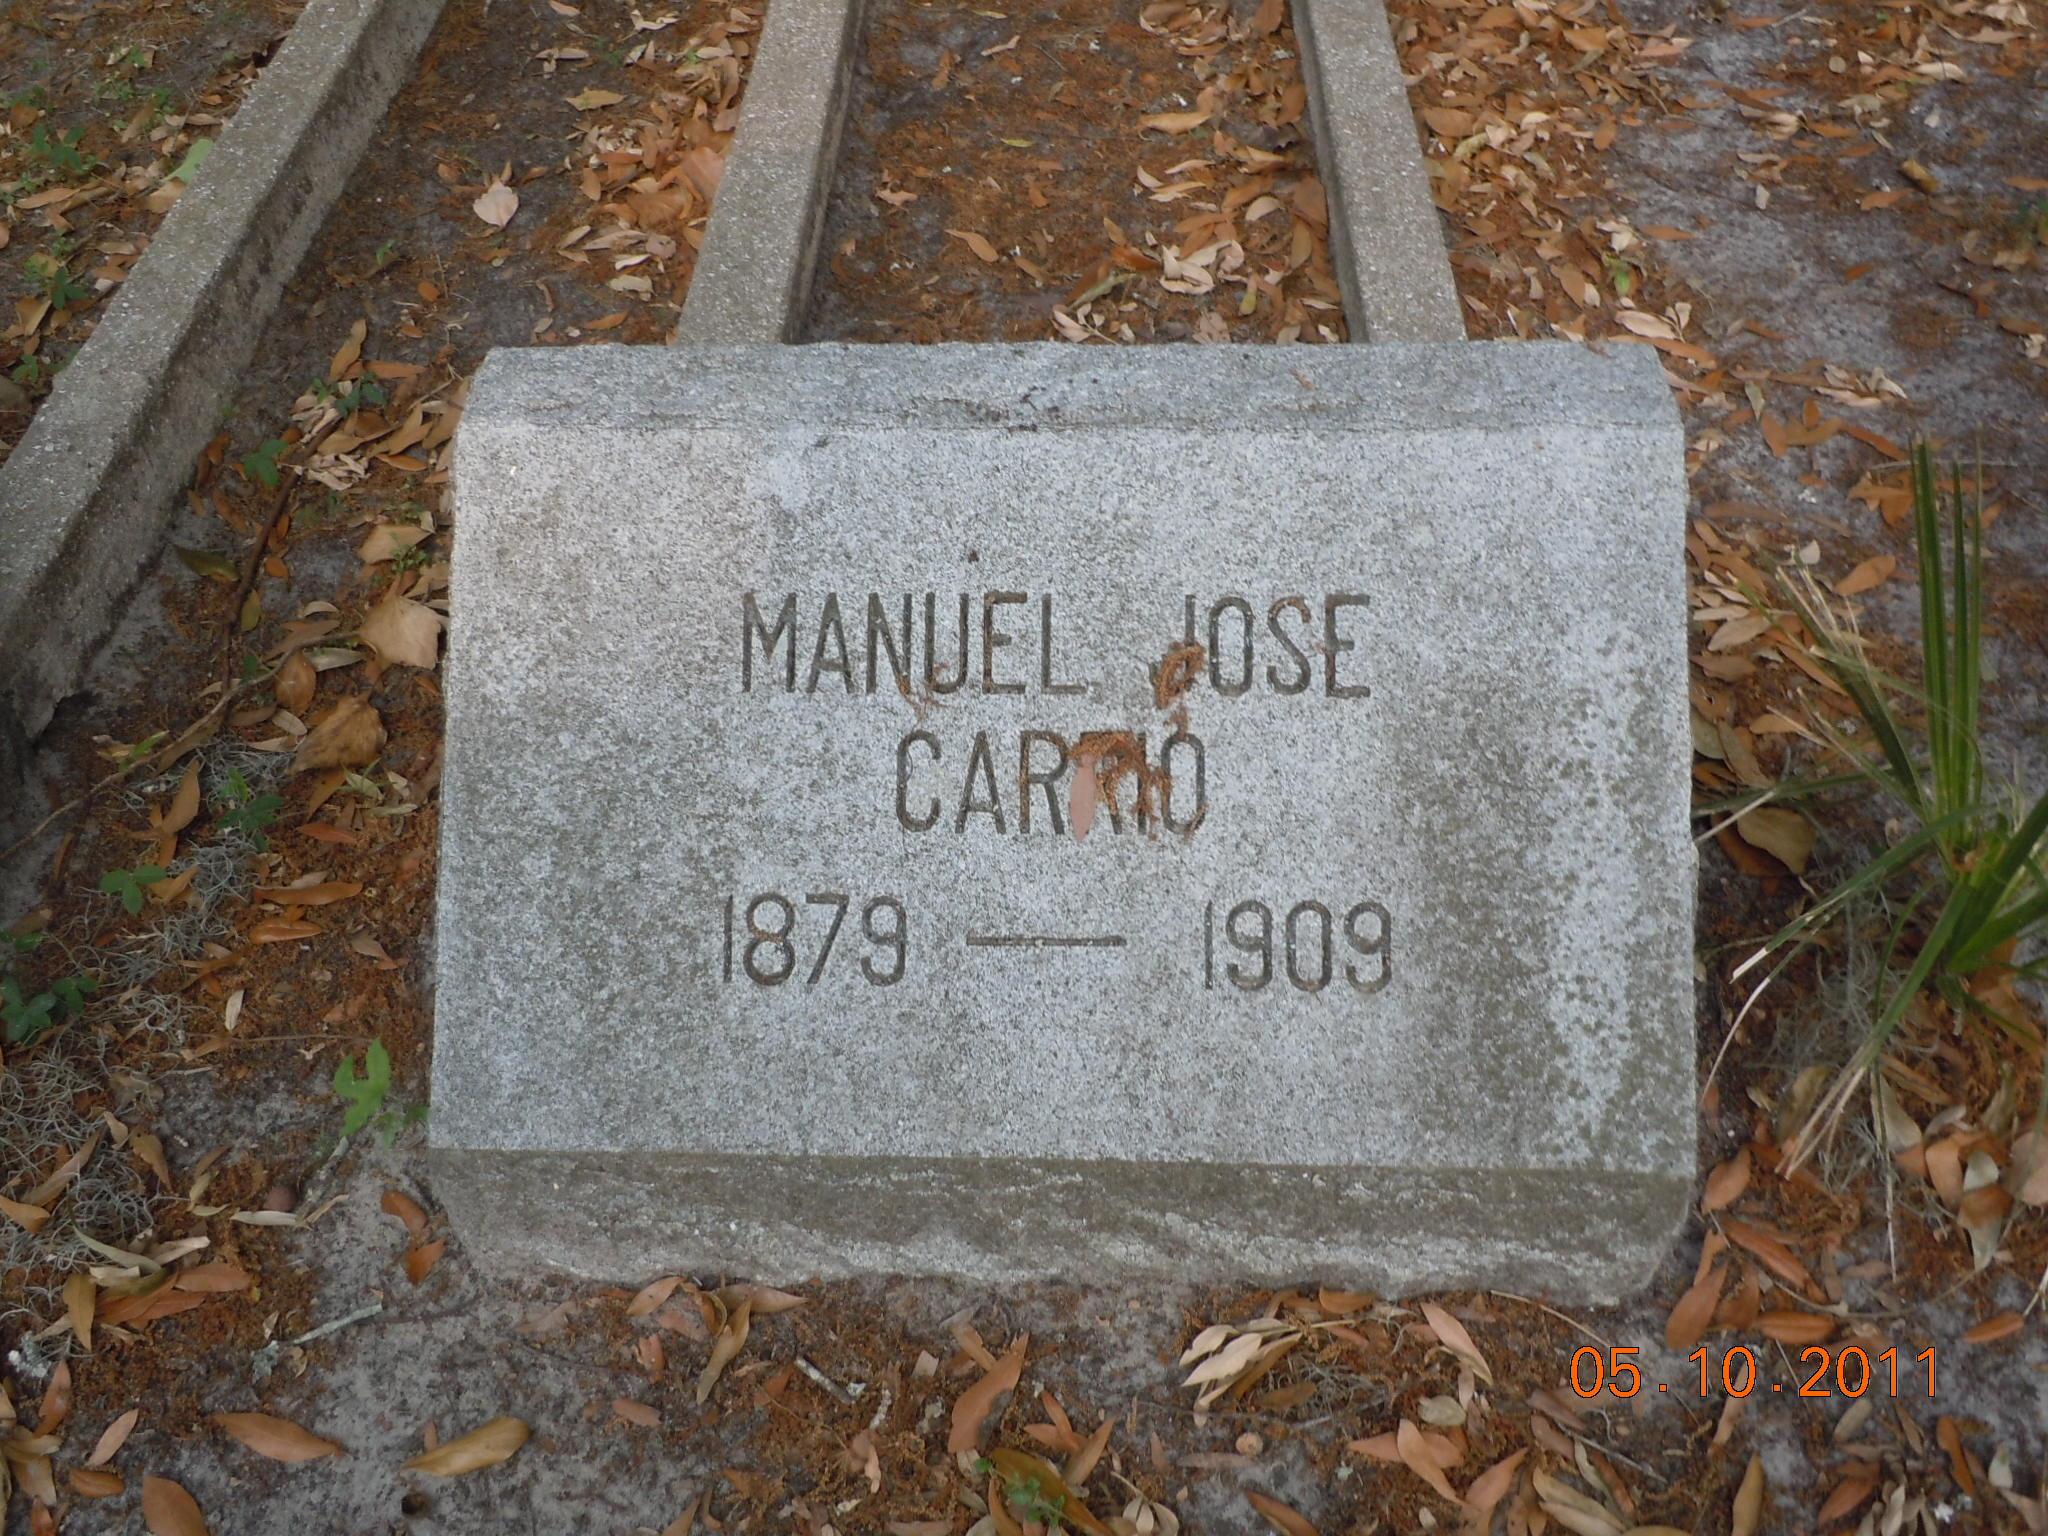 Manuel Jose Carrio